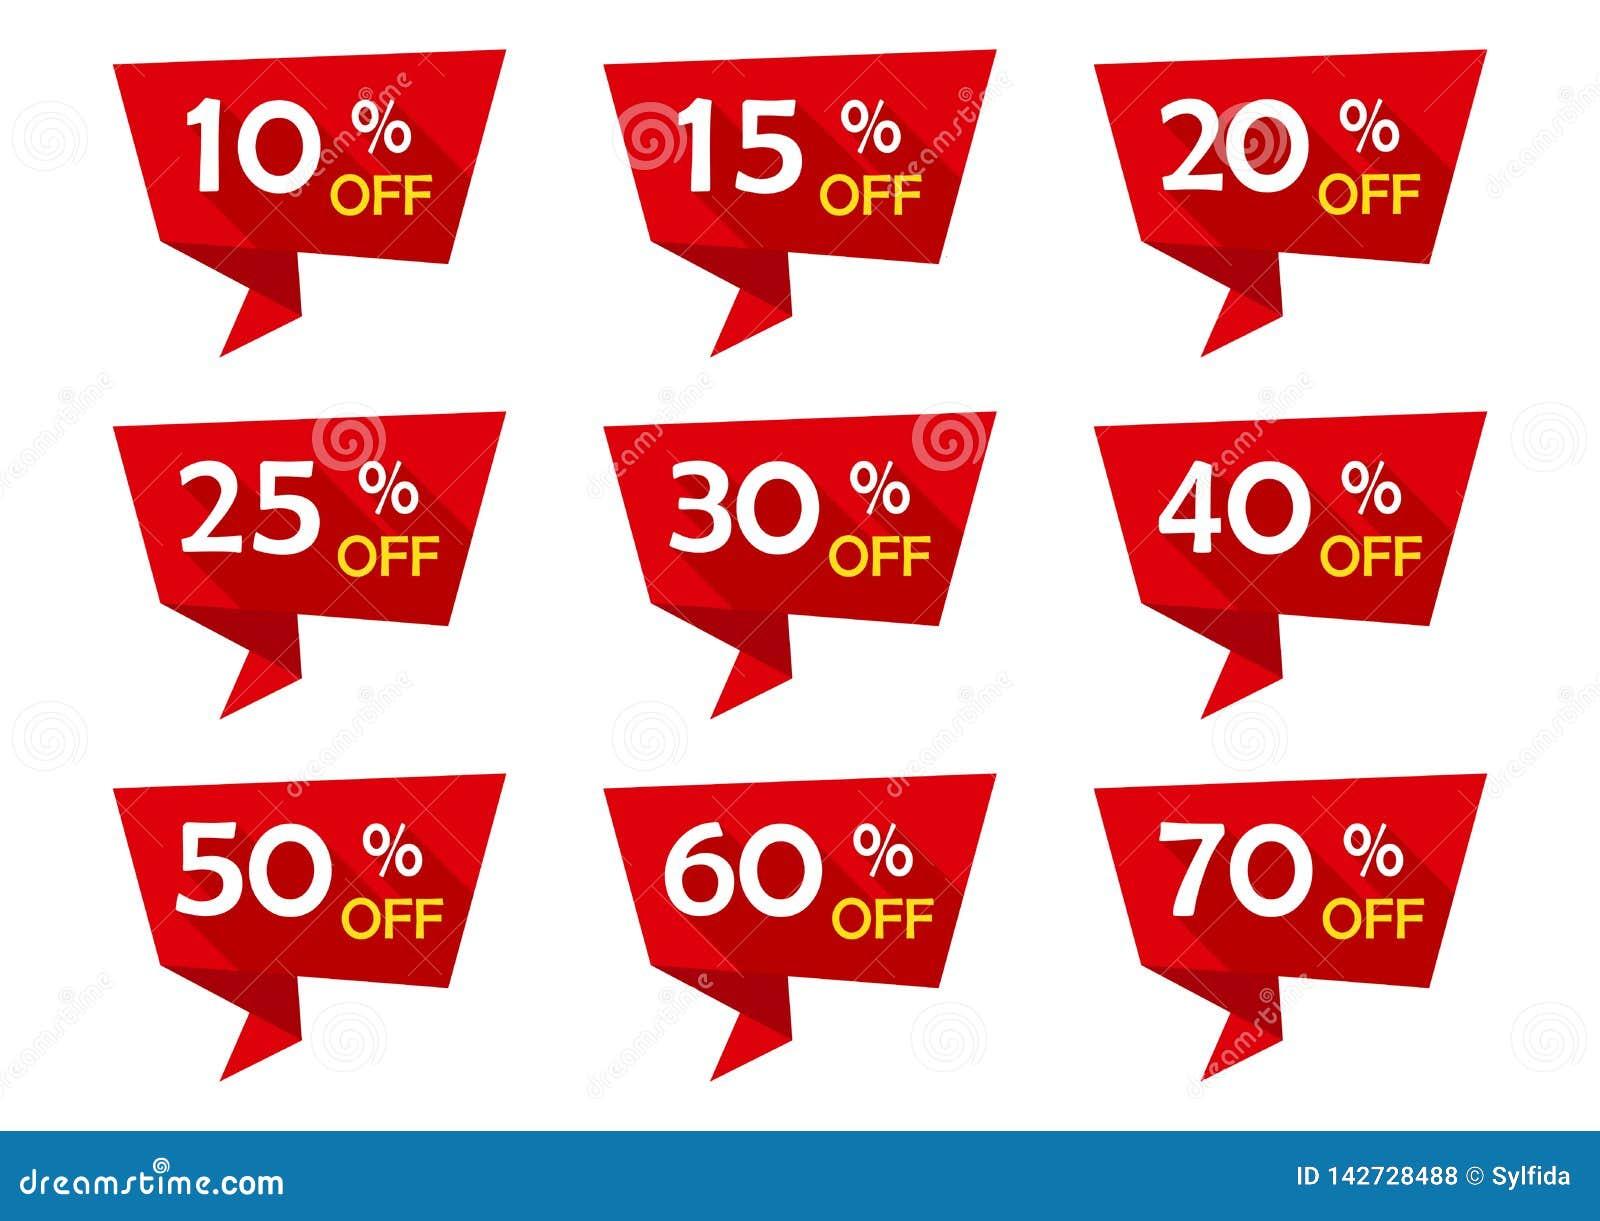 Rode reeks van de reclame van markeringslinten met kortingsaanbiedingen Verkopende Kentekens Vector illustratie